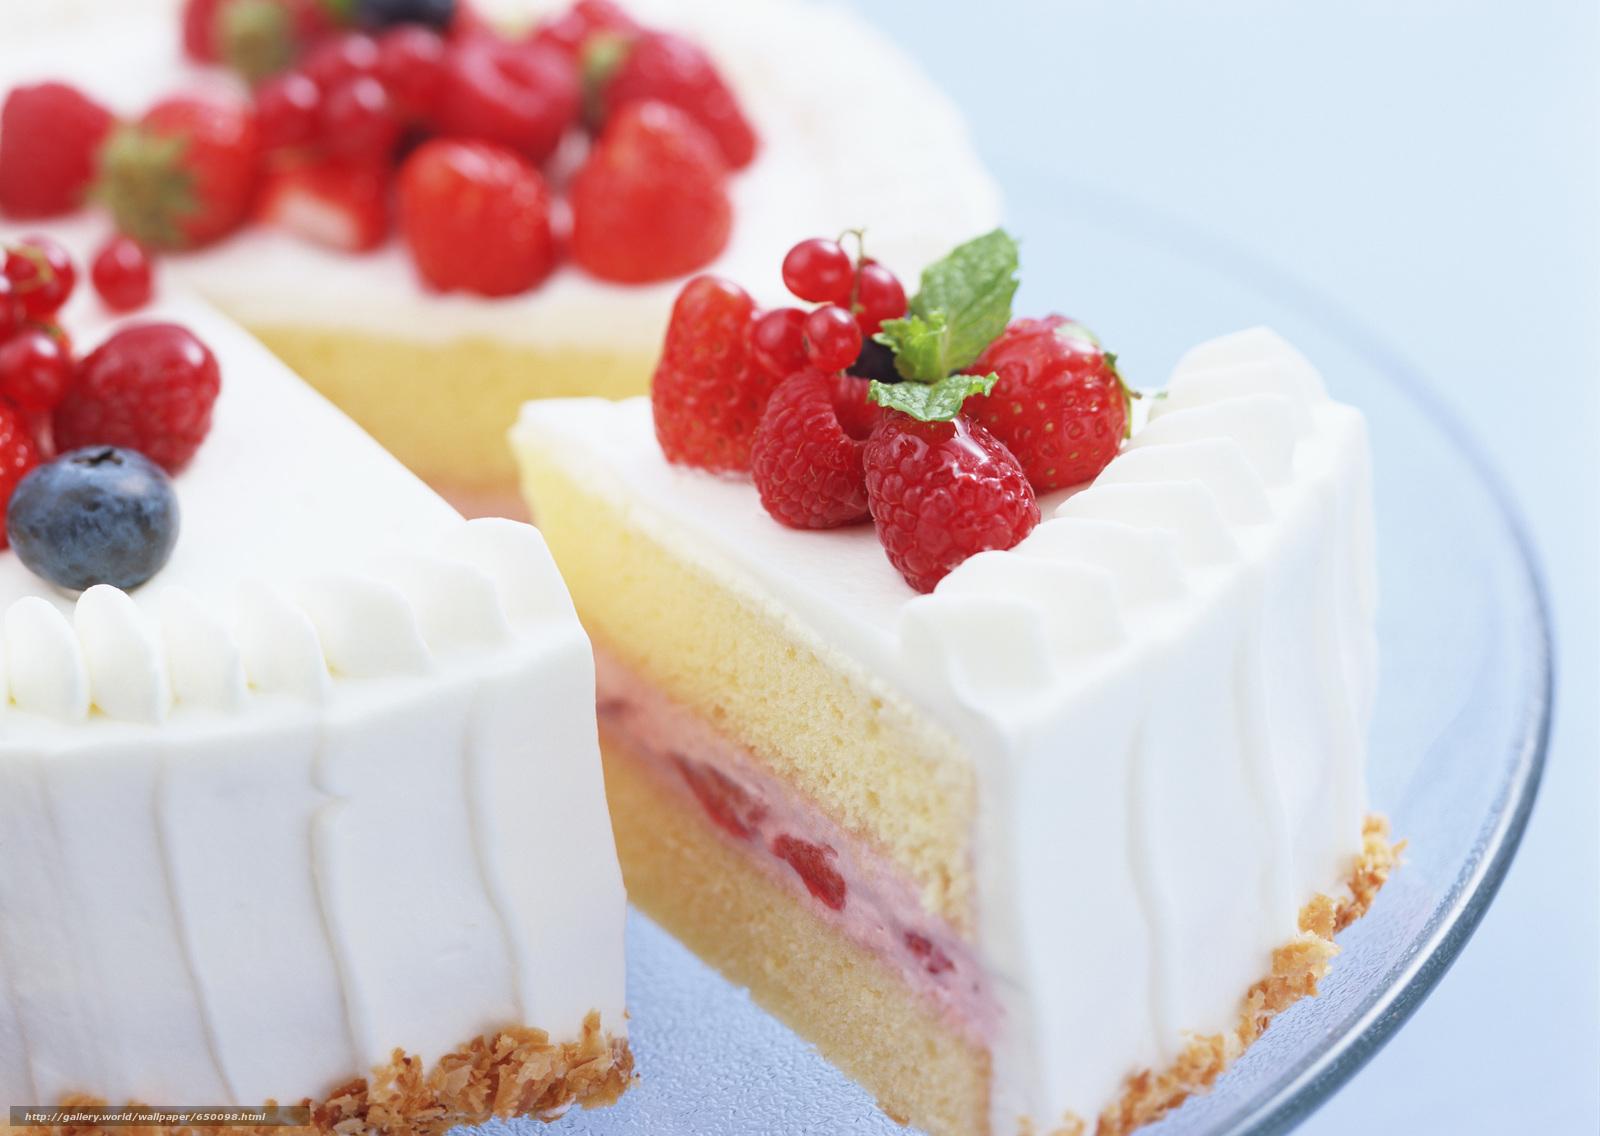 Скачать обои ягоды,  малина,  черника,  клубника бесплатно для рабочего стола в разрешении 2950x2094 — картинка №650098